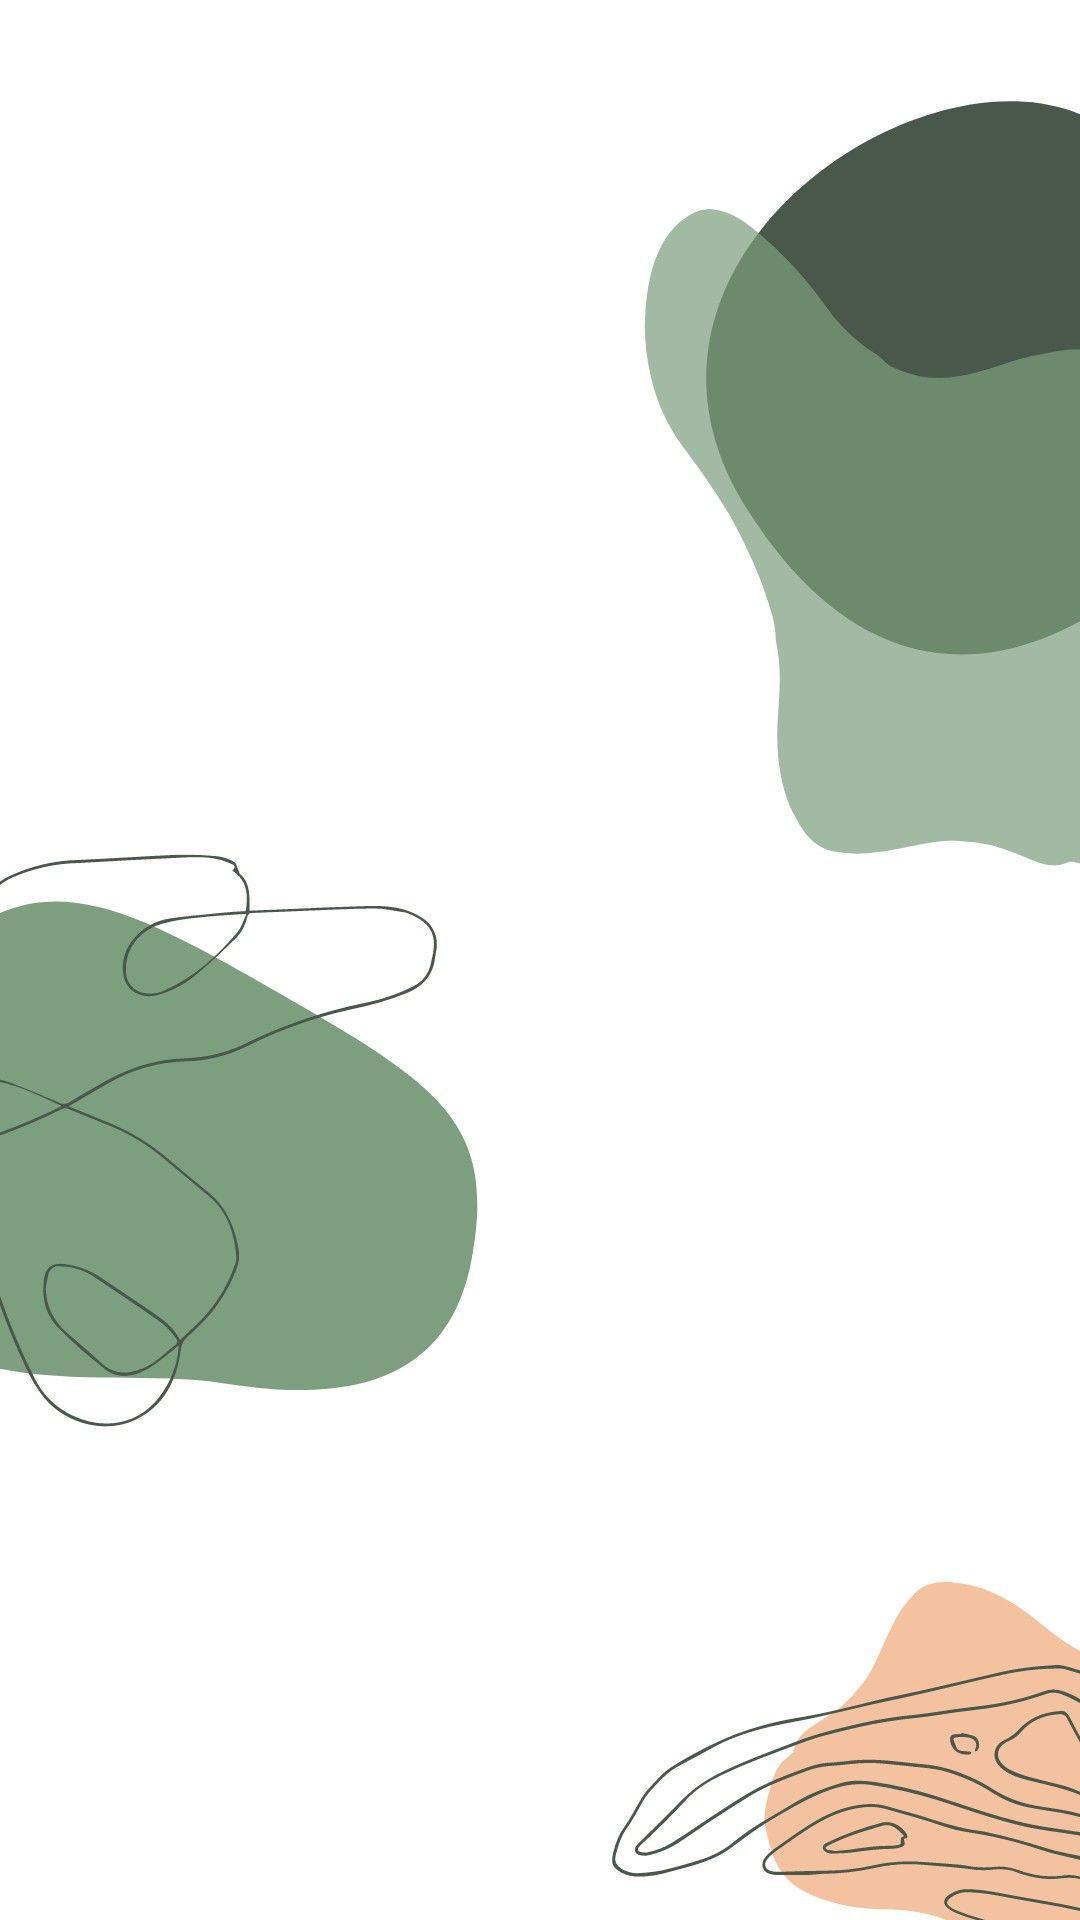 Thẩm mỹ màu xanh lá cây hiền triết 1080x1920 vào năm 2021. Thẩm mỹ xanh lá cây hiền triết, Thẩm mỹ xanh lá cây, Thẩm mỹ màn hình khóa màu xanh lá cây